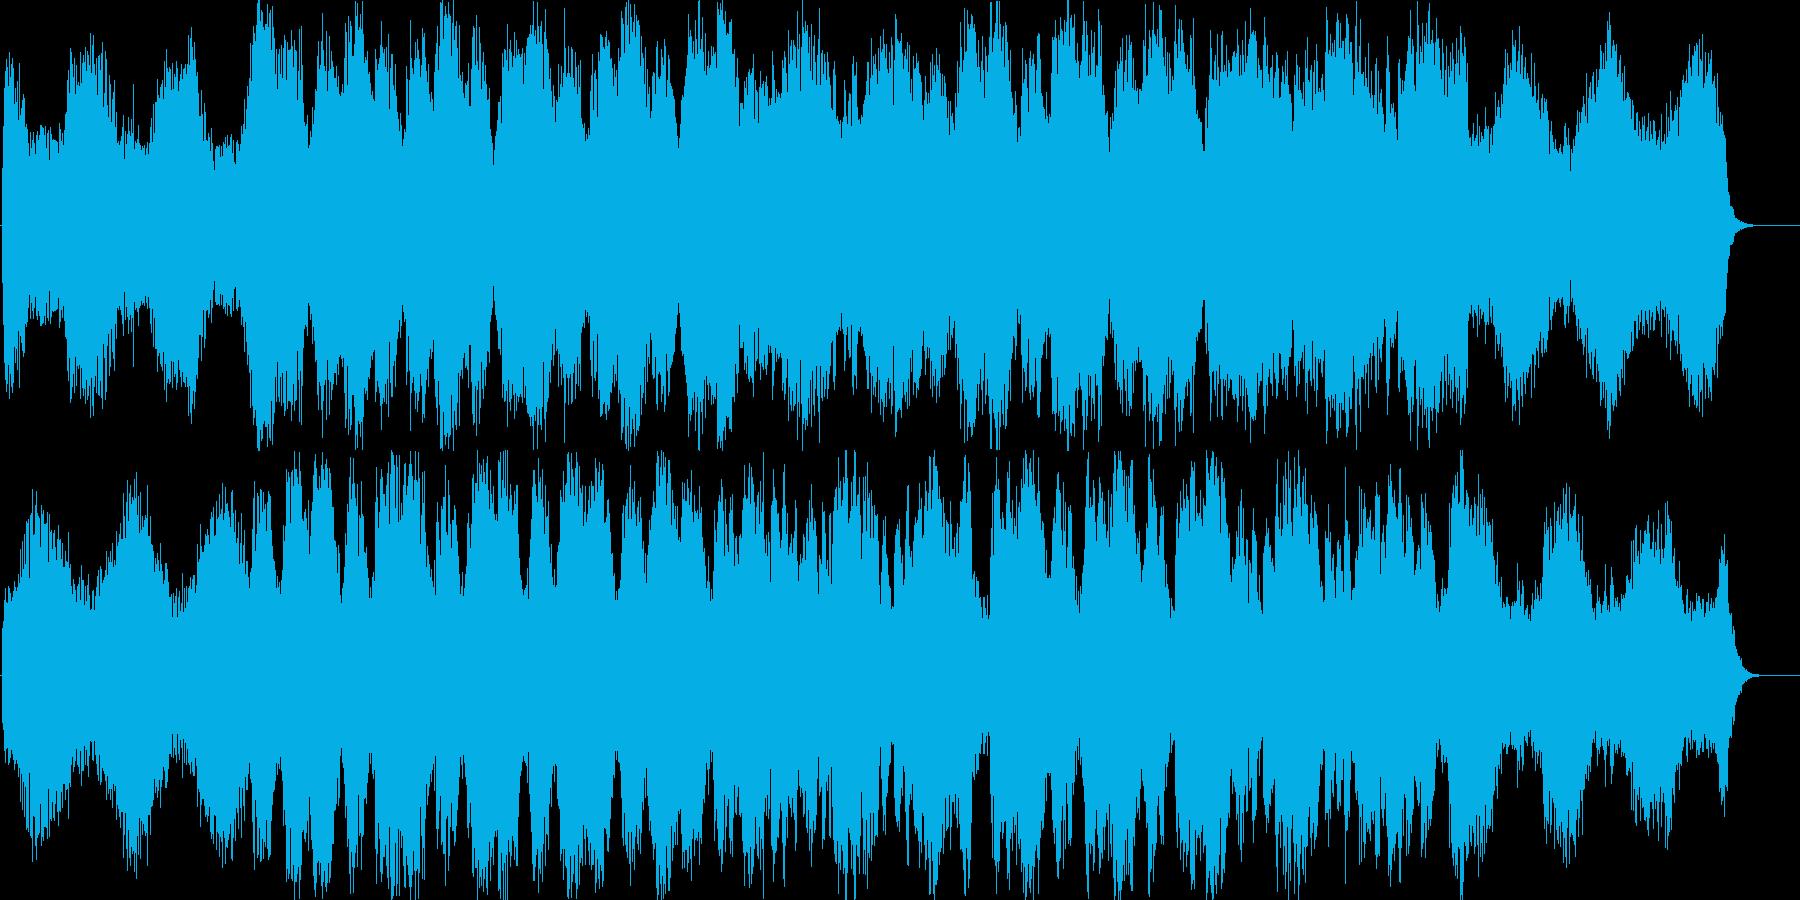 透明のある優しいBGMの再生済みの波形